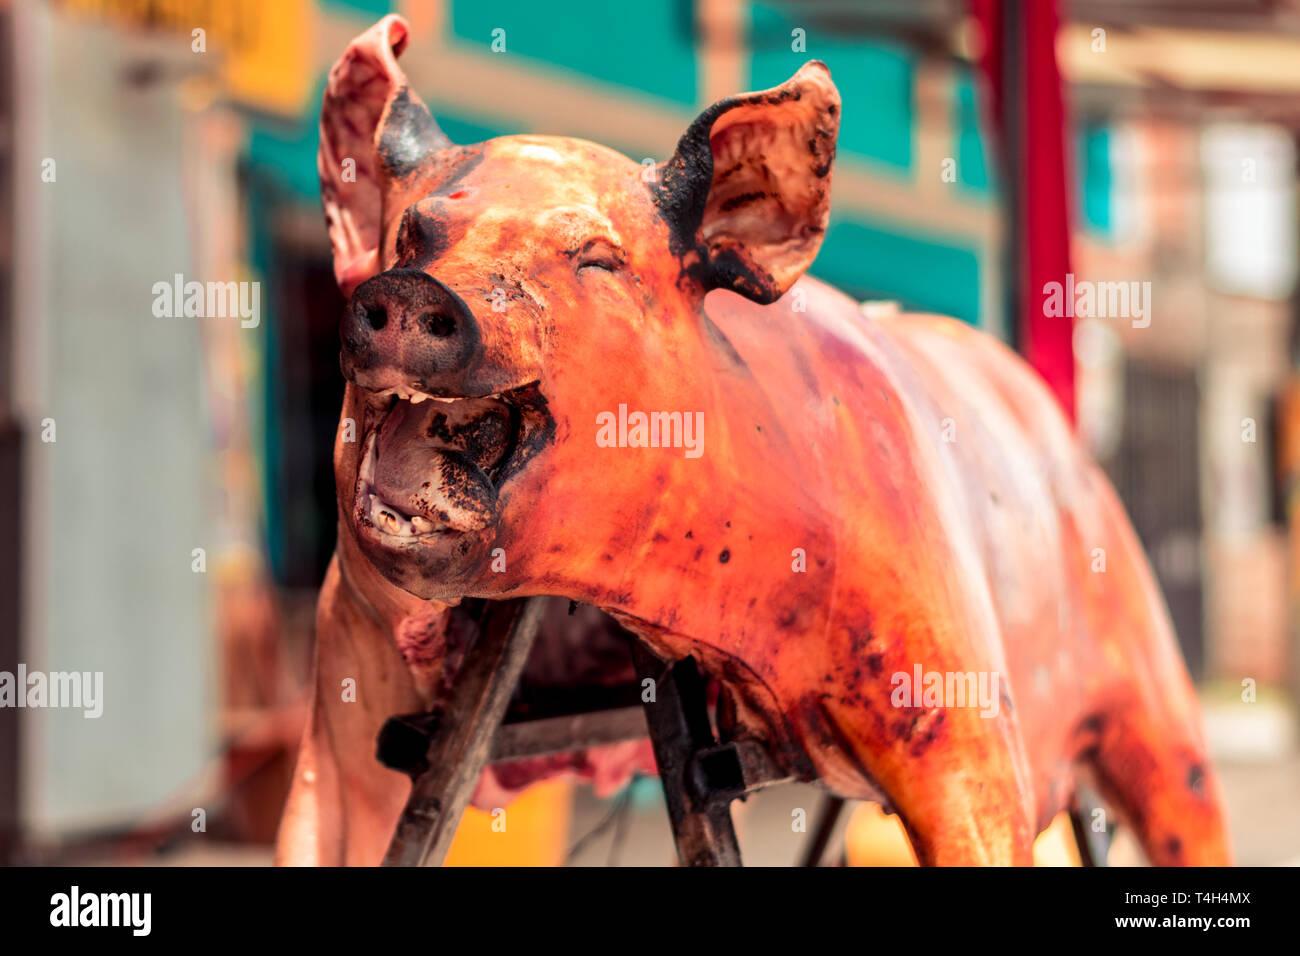 Körper von einem Schwein getötet, als Speisen zubereitet werden. Es ist üblich, Schweine, die auf diese Weise in mehrere Teile von Ecuador ausgestellt zu finden Stockbild